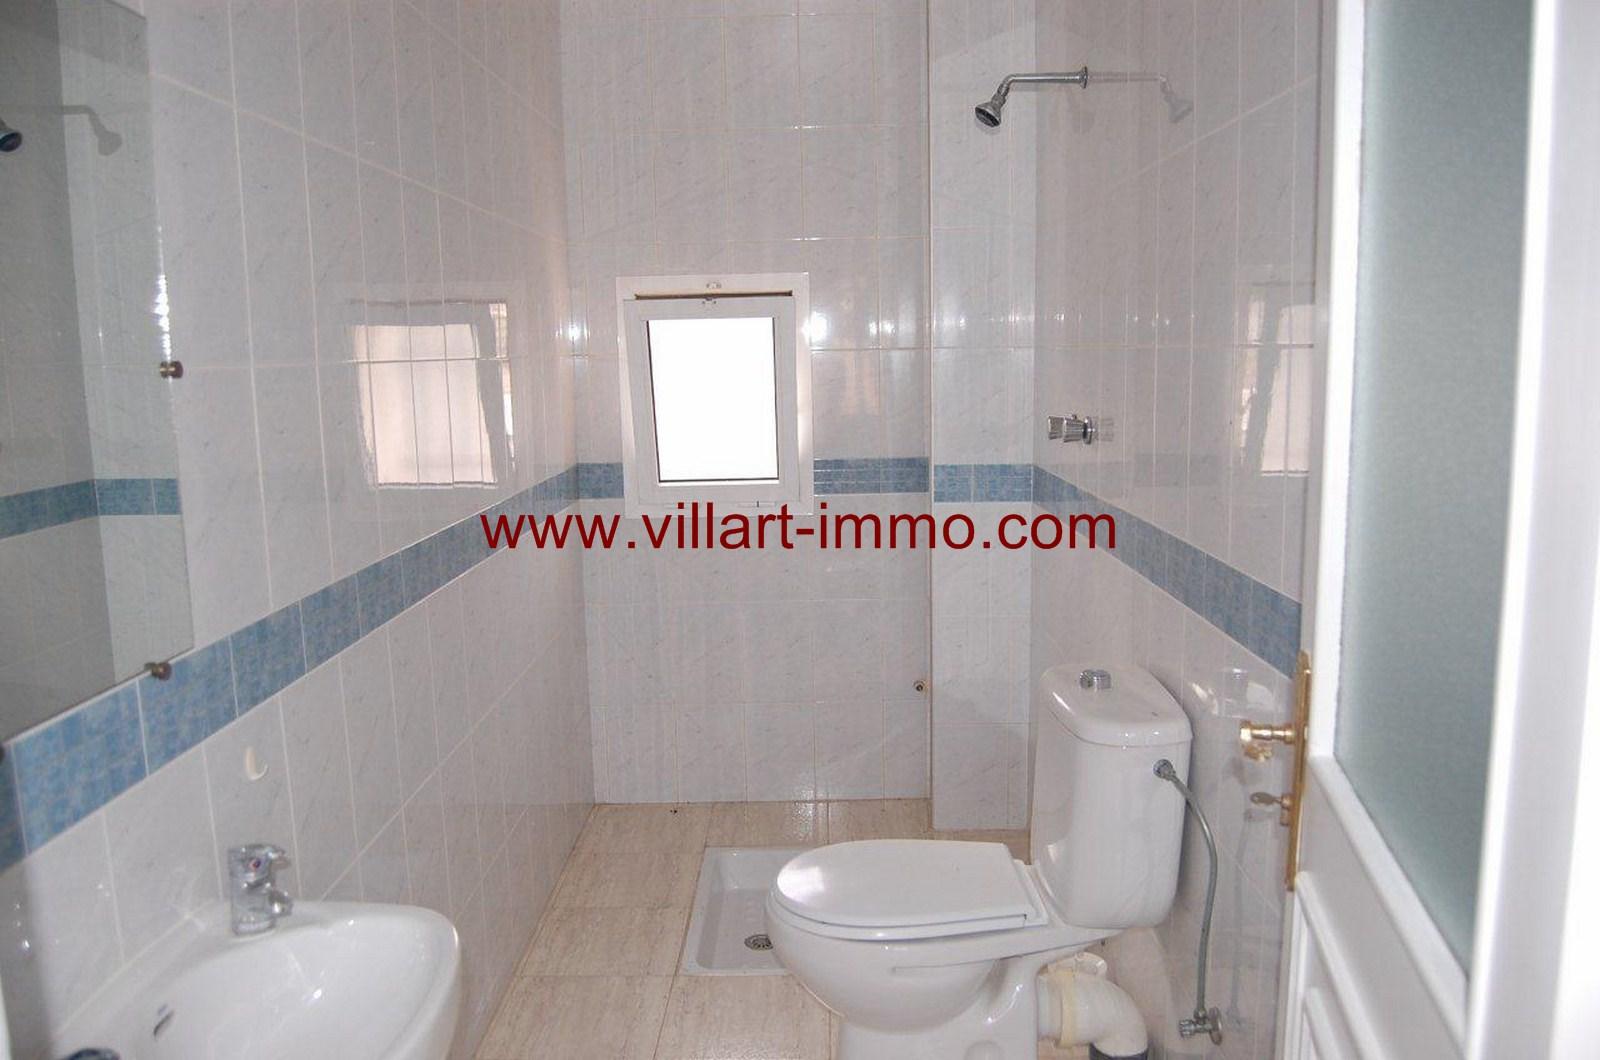 13-location-villa-non-meublee-malabata-tanger-salle-de-bain-2-lv902-villart-immo